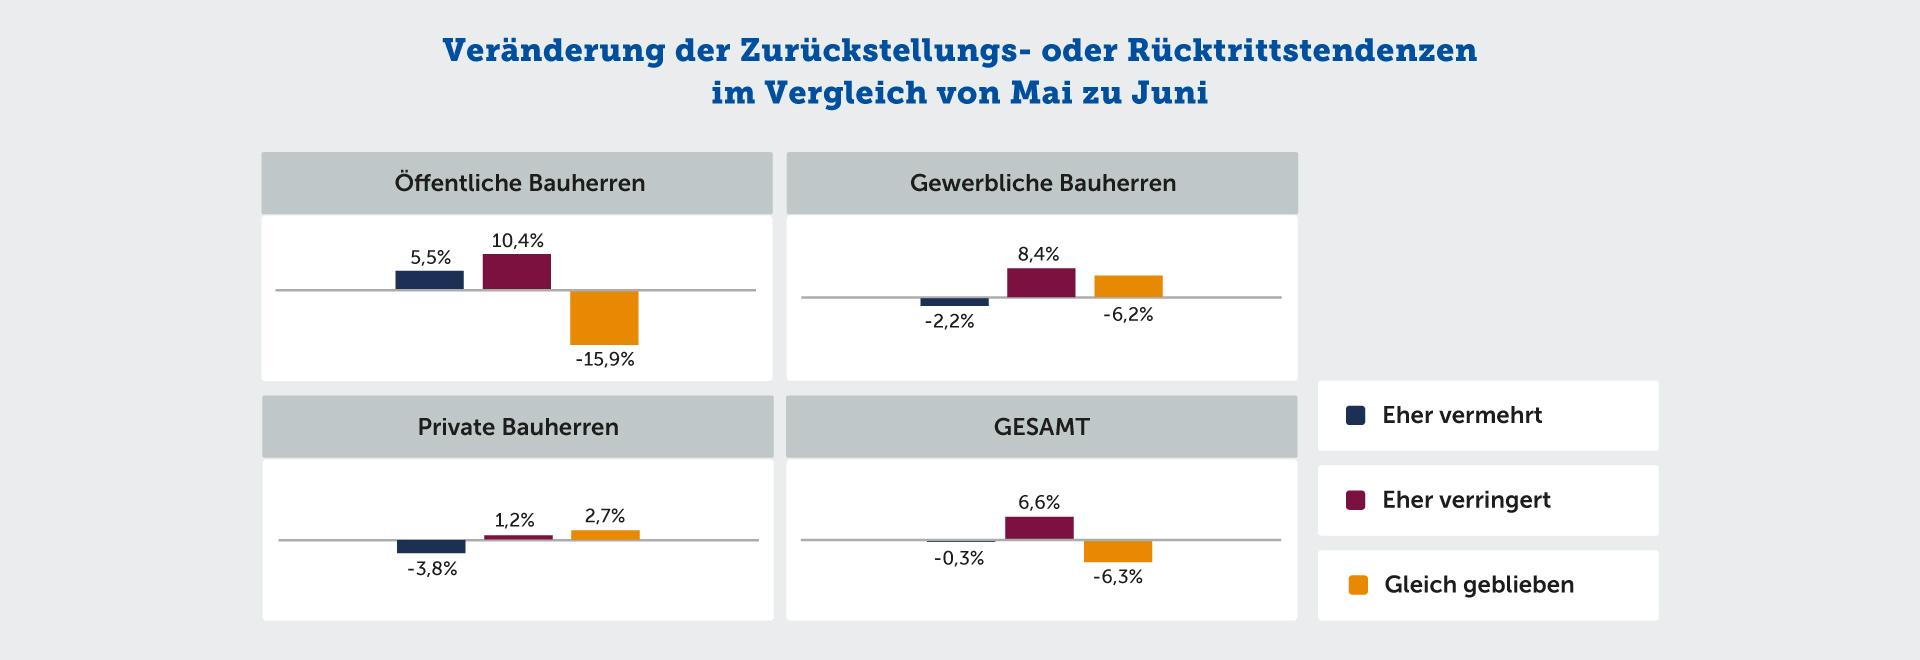 Veränderung der Zurückstellungs- oder Rücktrittstendenzen im Vergleich von Mai zu Juni